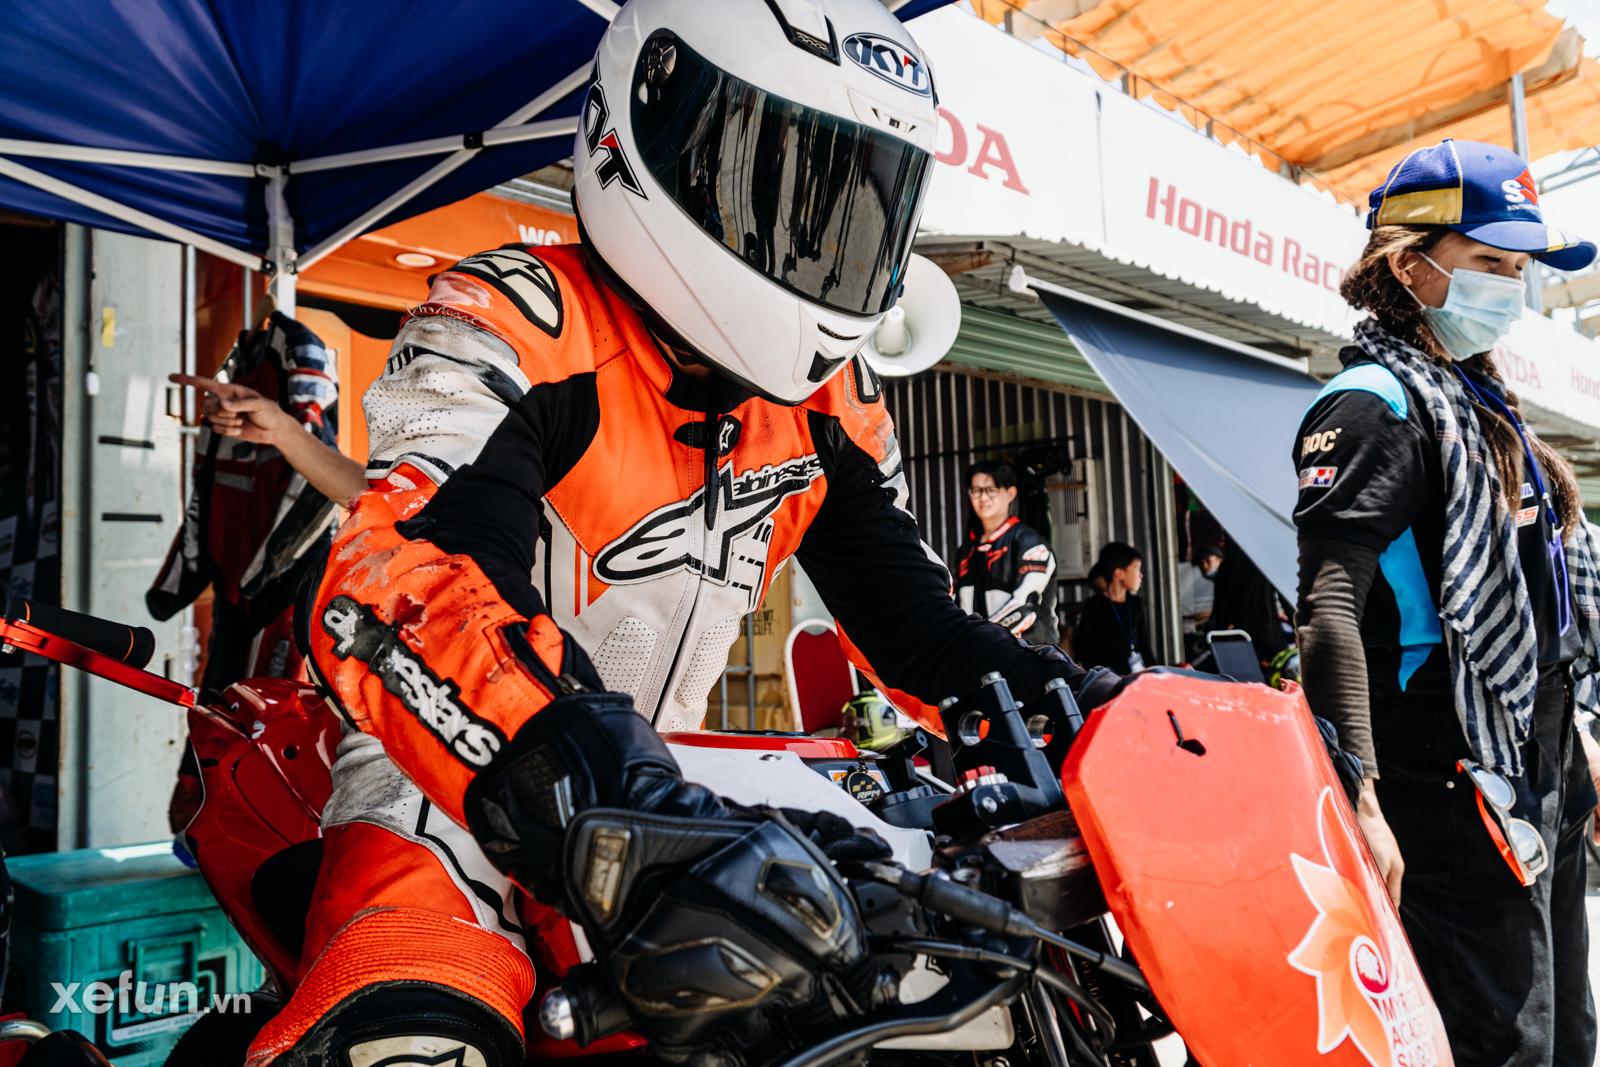 VRRC Summer Test 1 – Chặng đua khởi động VRRC mùa giải 2021 Xefun 158